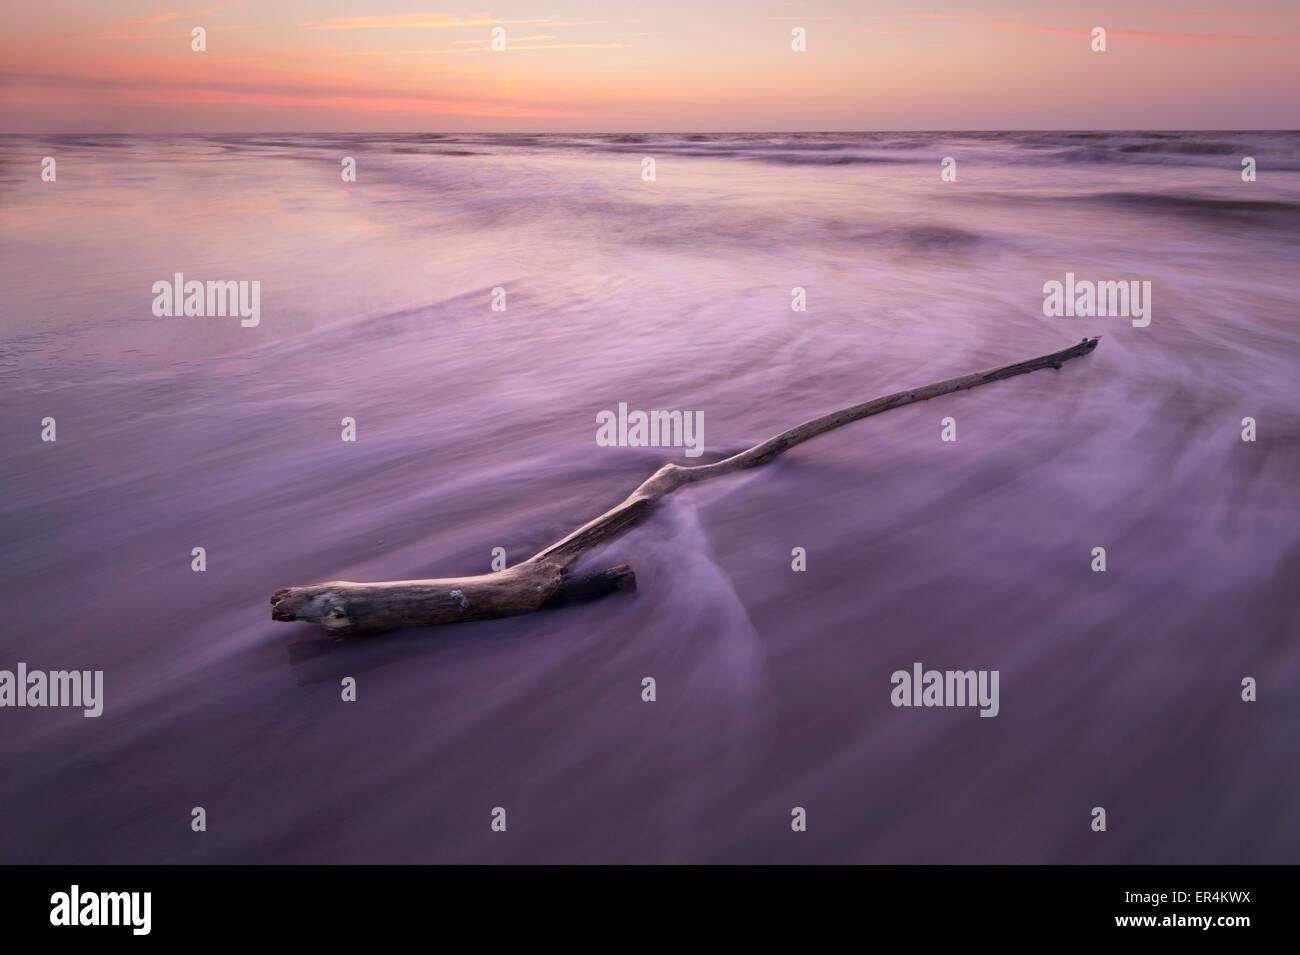 Filiale am Strand mit Wellen Motion Blur Stockbild